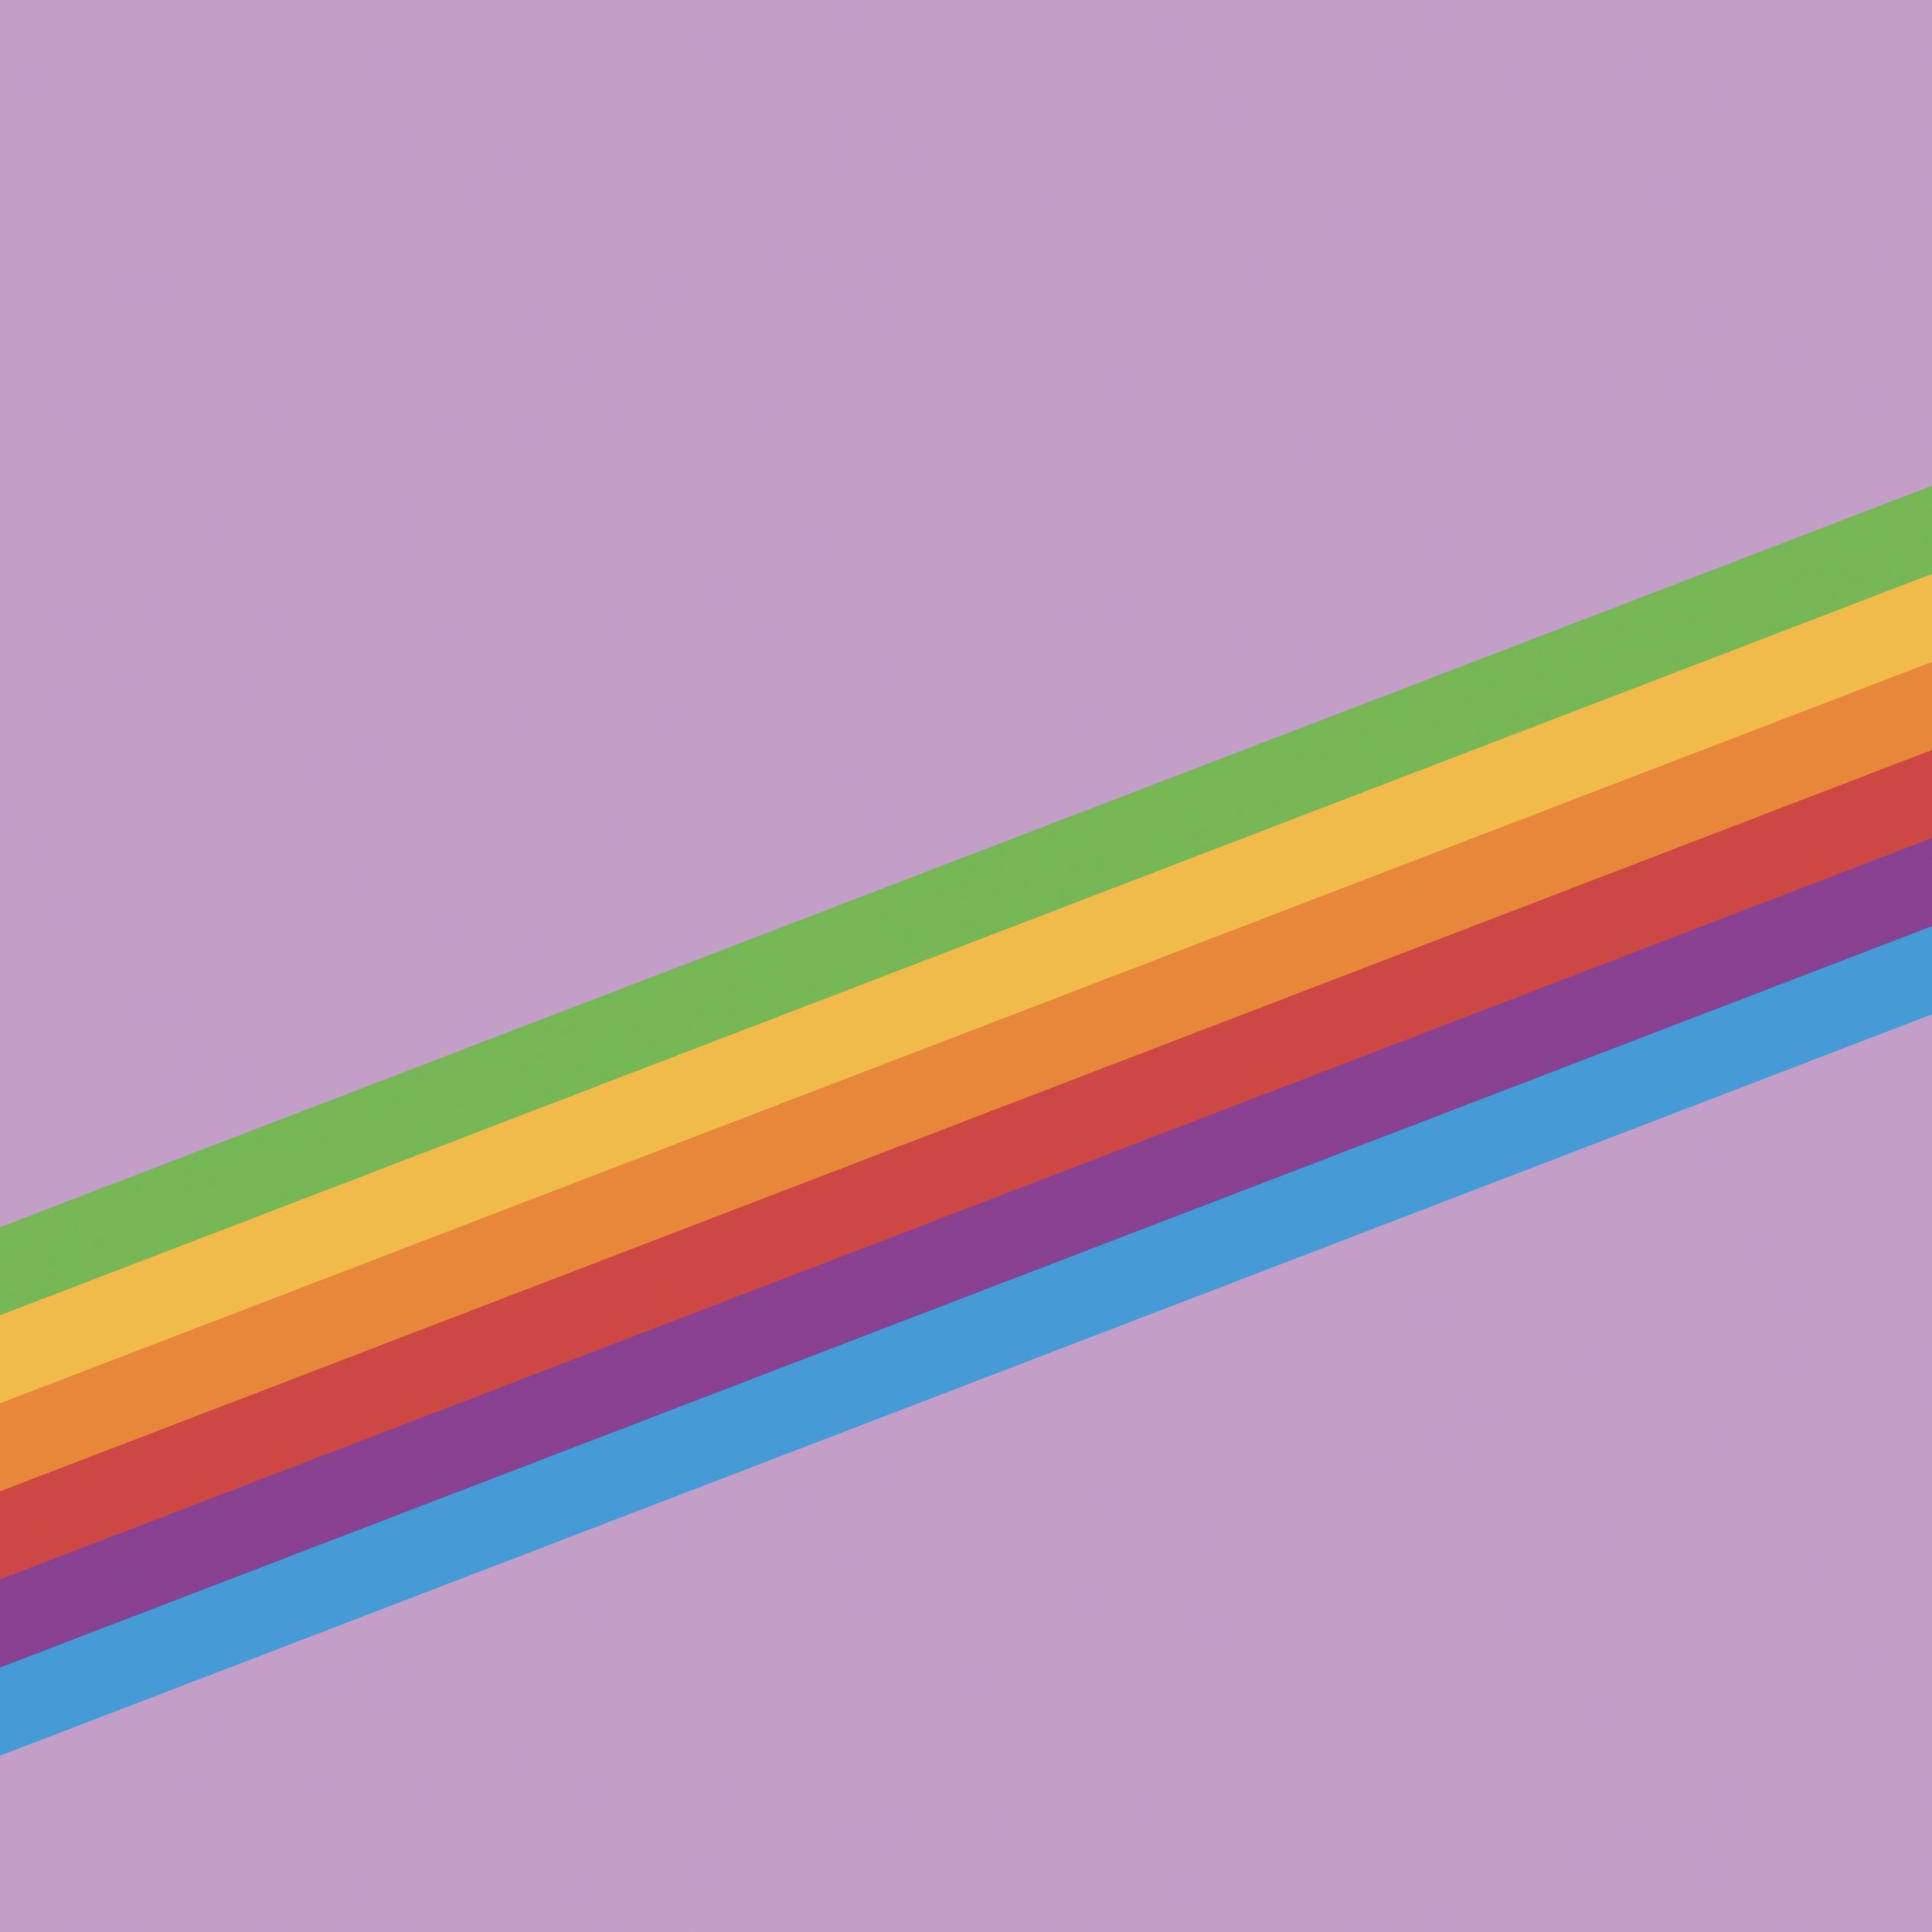 Heritage Stripe Purple iOS 11 GM iPad wallpapers - Trọn bộ hình nền mới của iOS 11